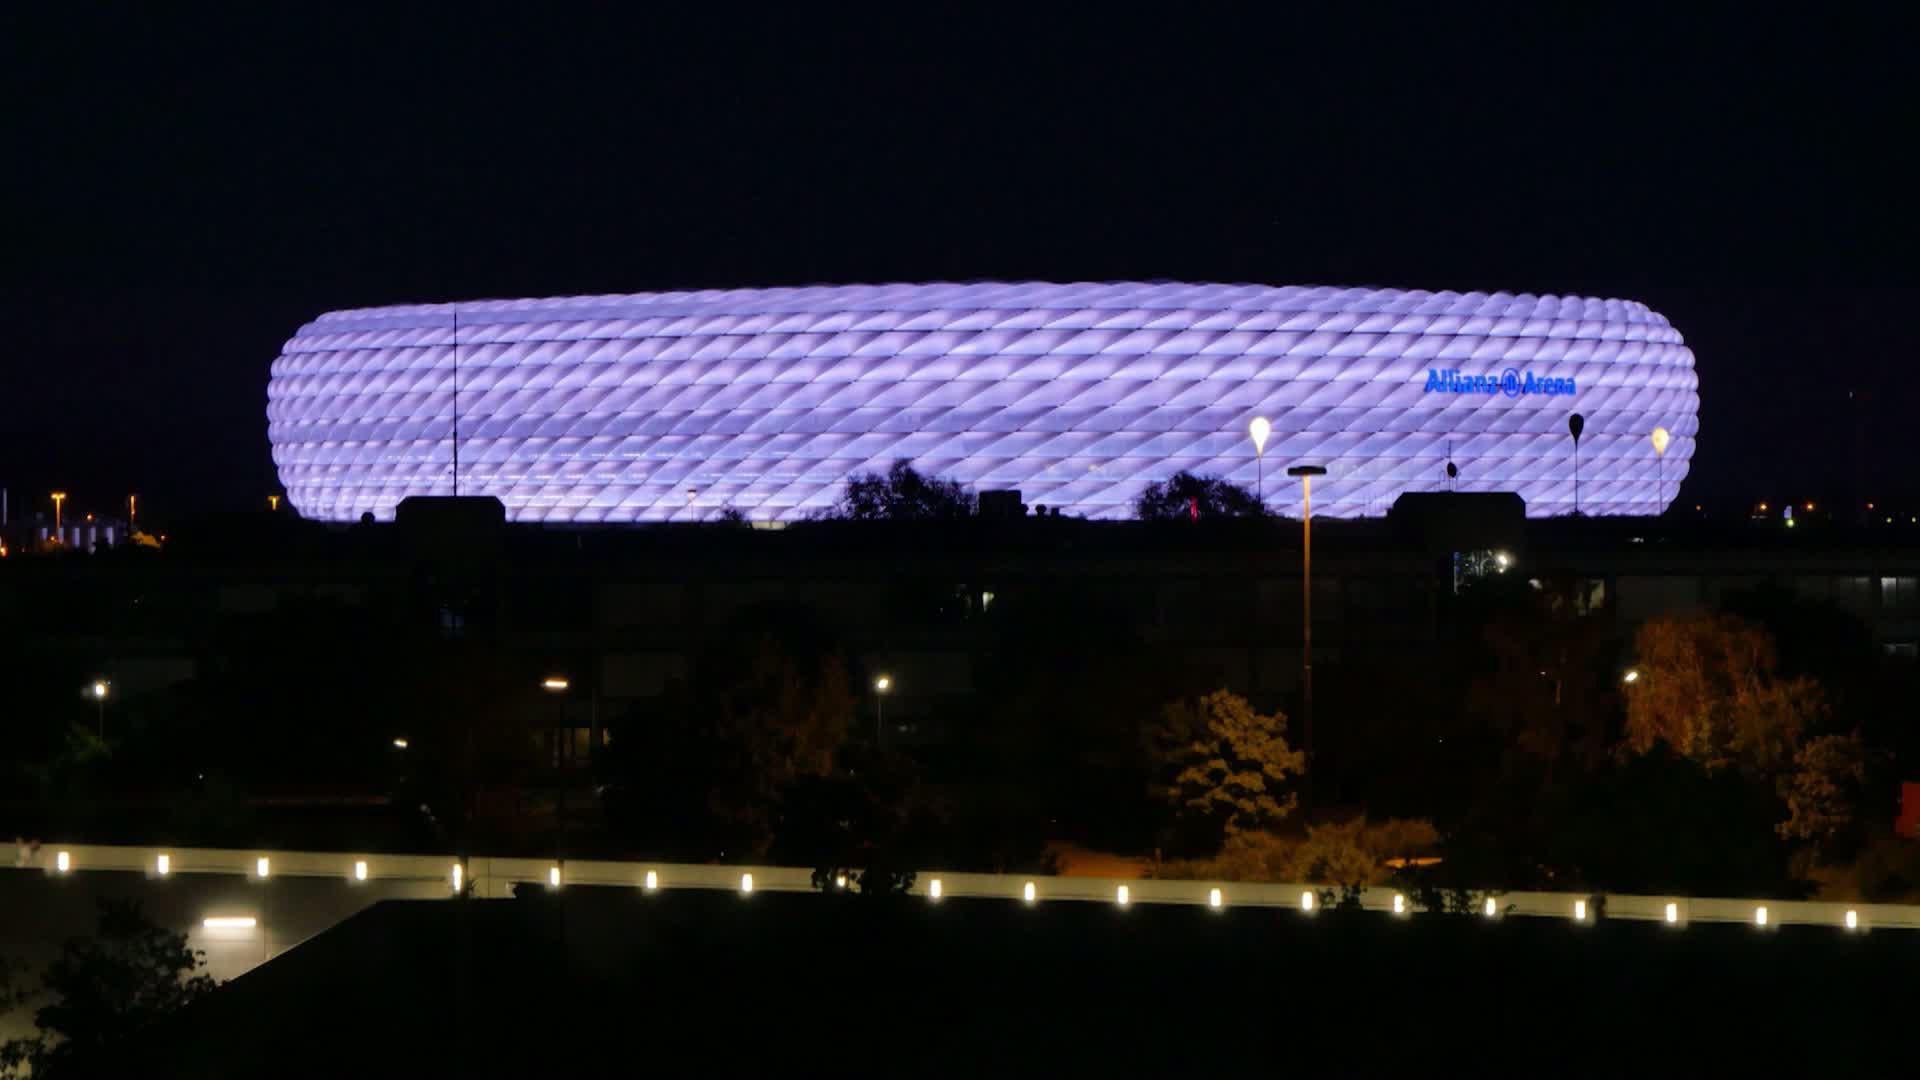 Vorbereitungen zum Audi Cup in München